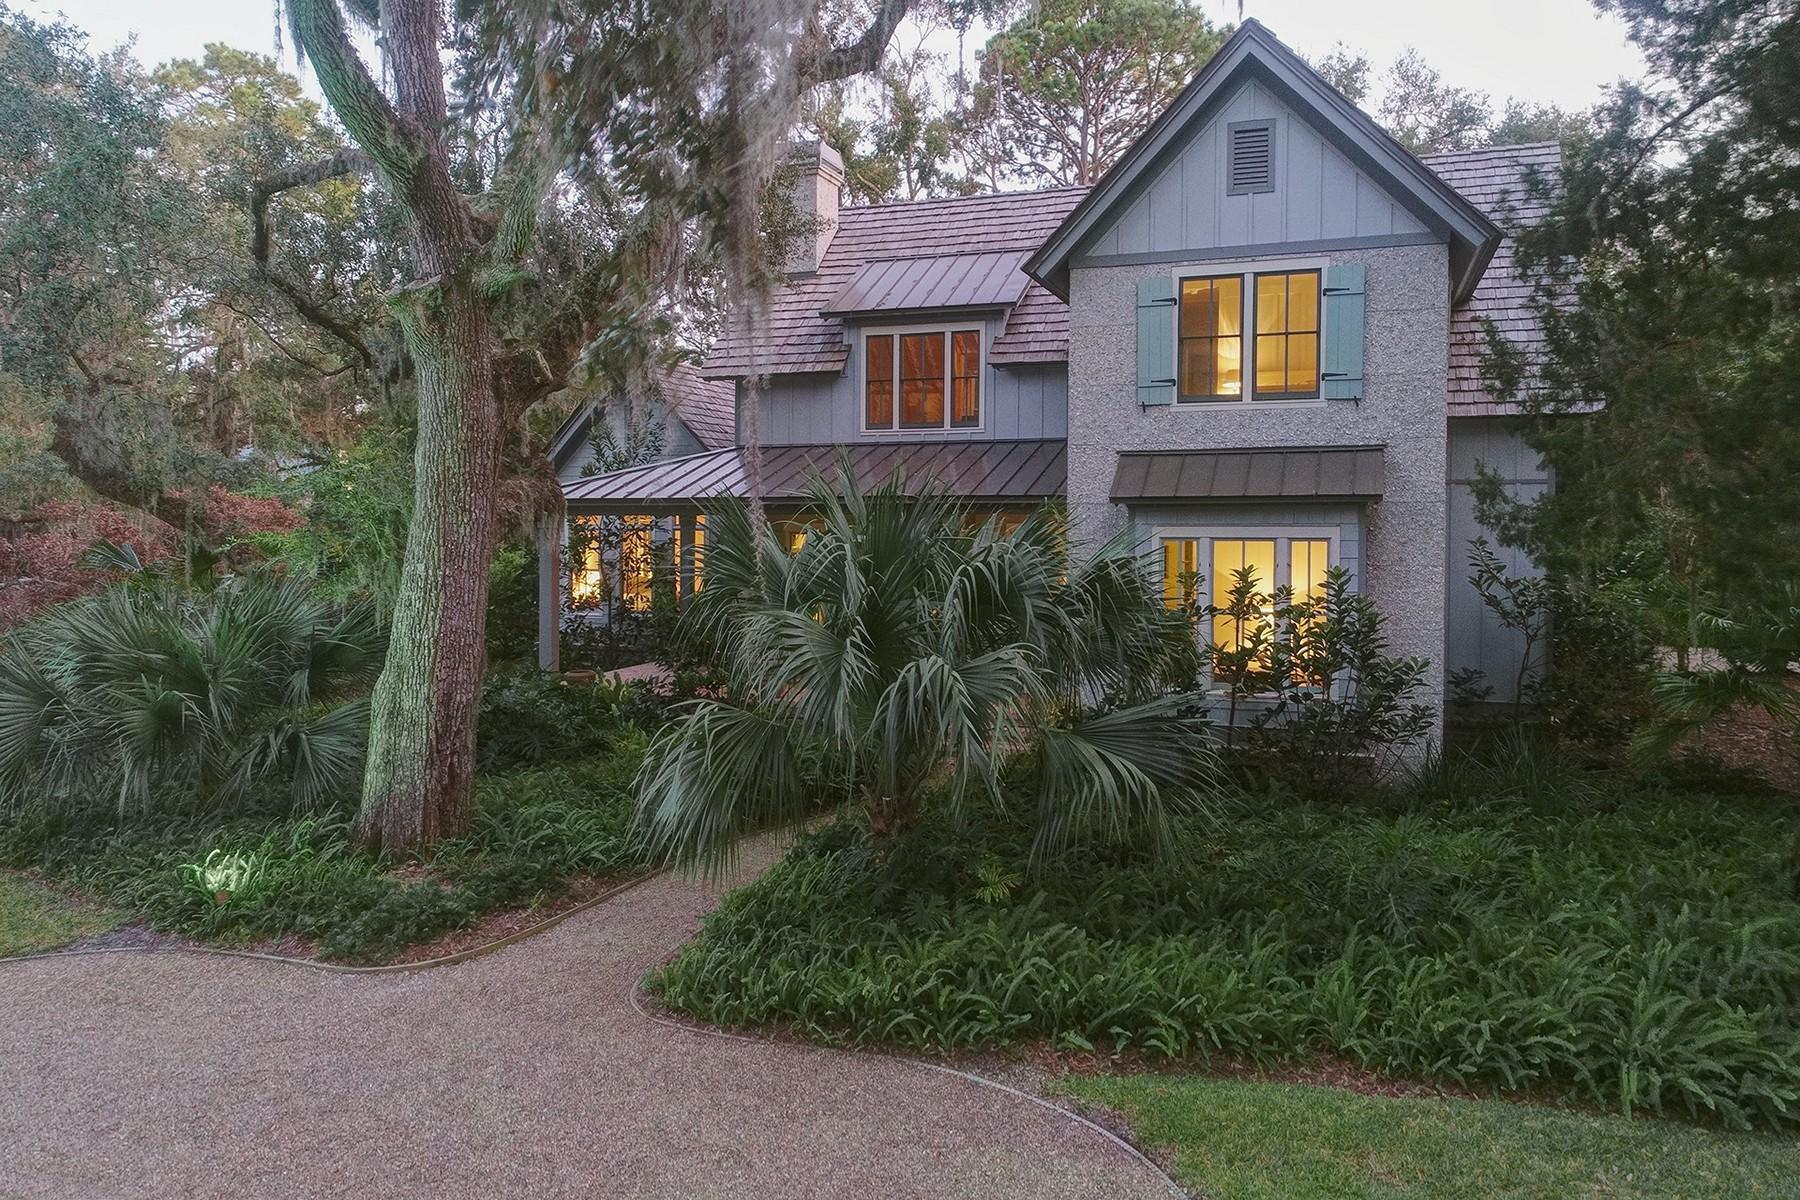 獨棟家庭住宅 為 出售 在 28 Wildlife Drive 28 Wildlife Drive St. Simons Island, 喬治亞州 31522 美國